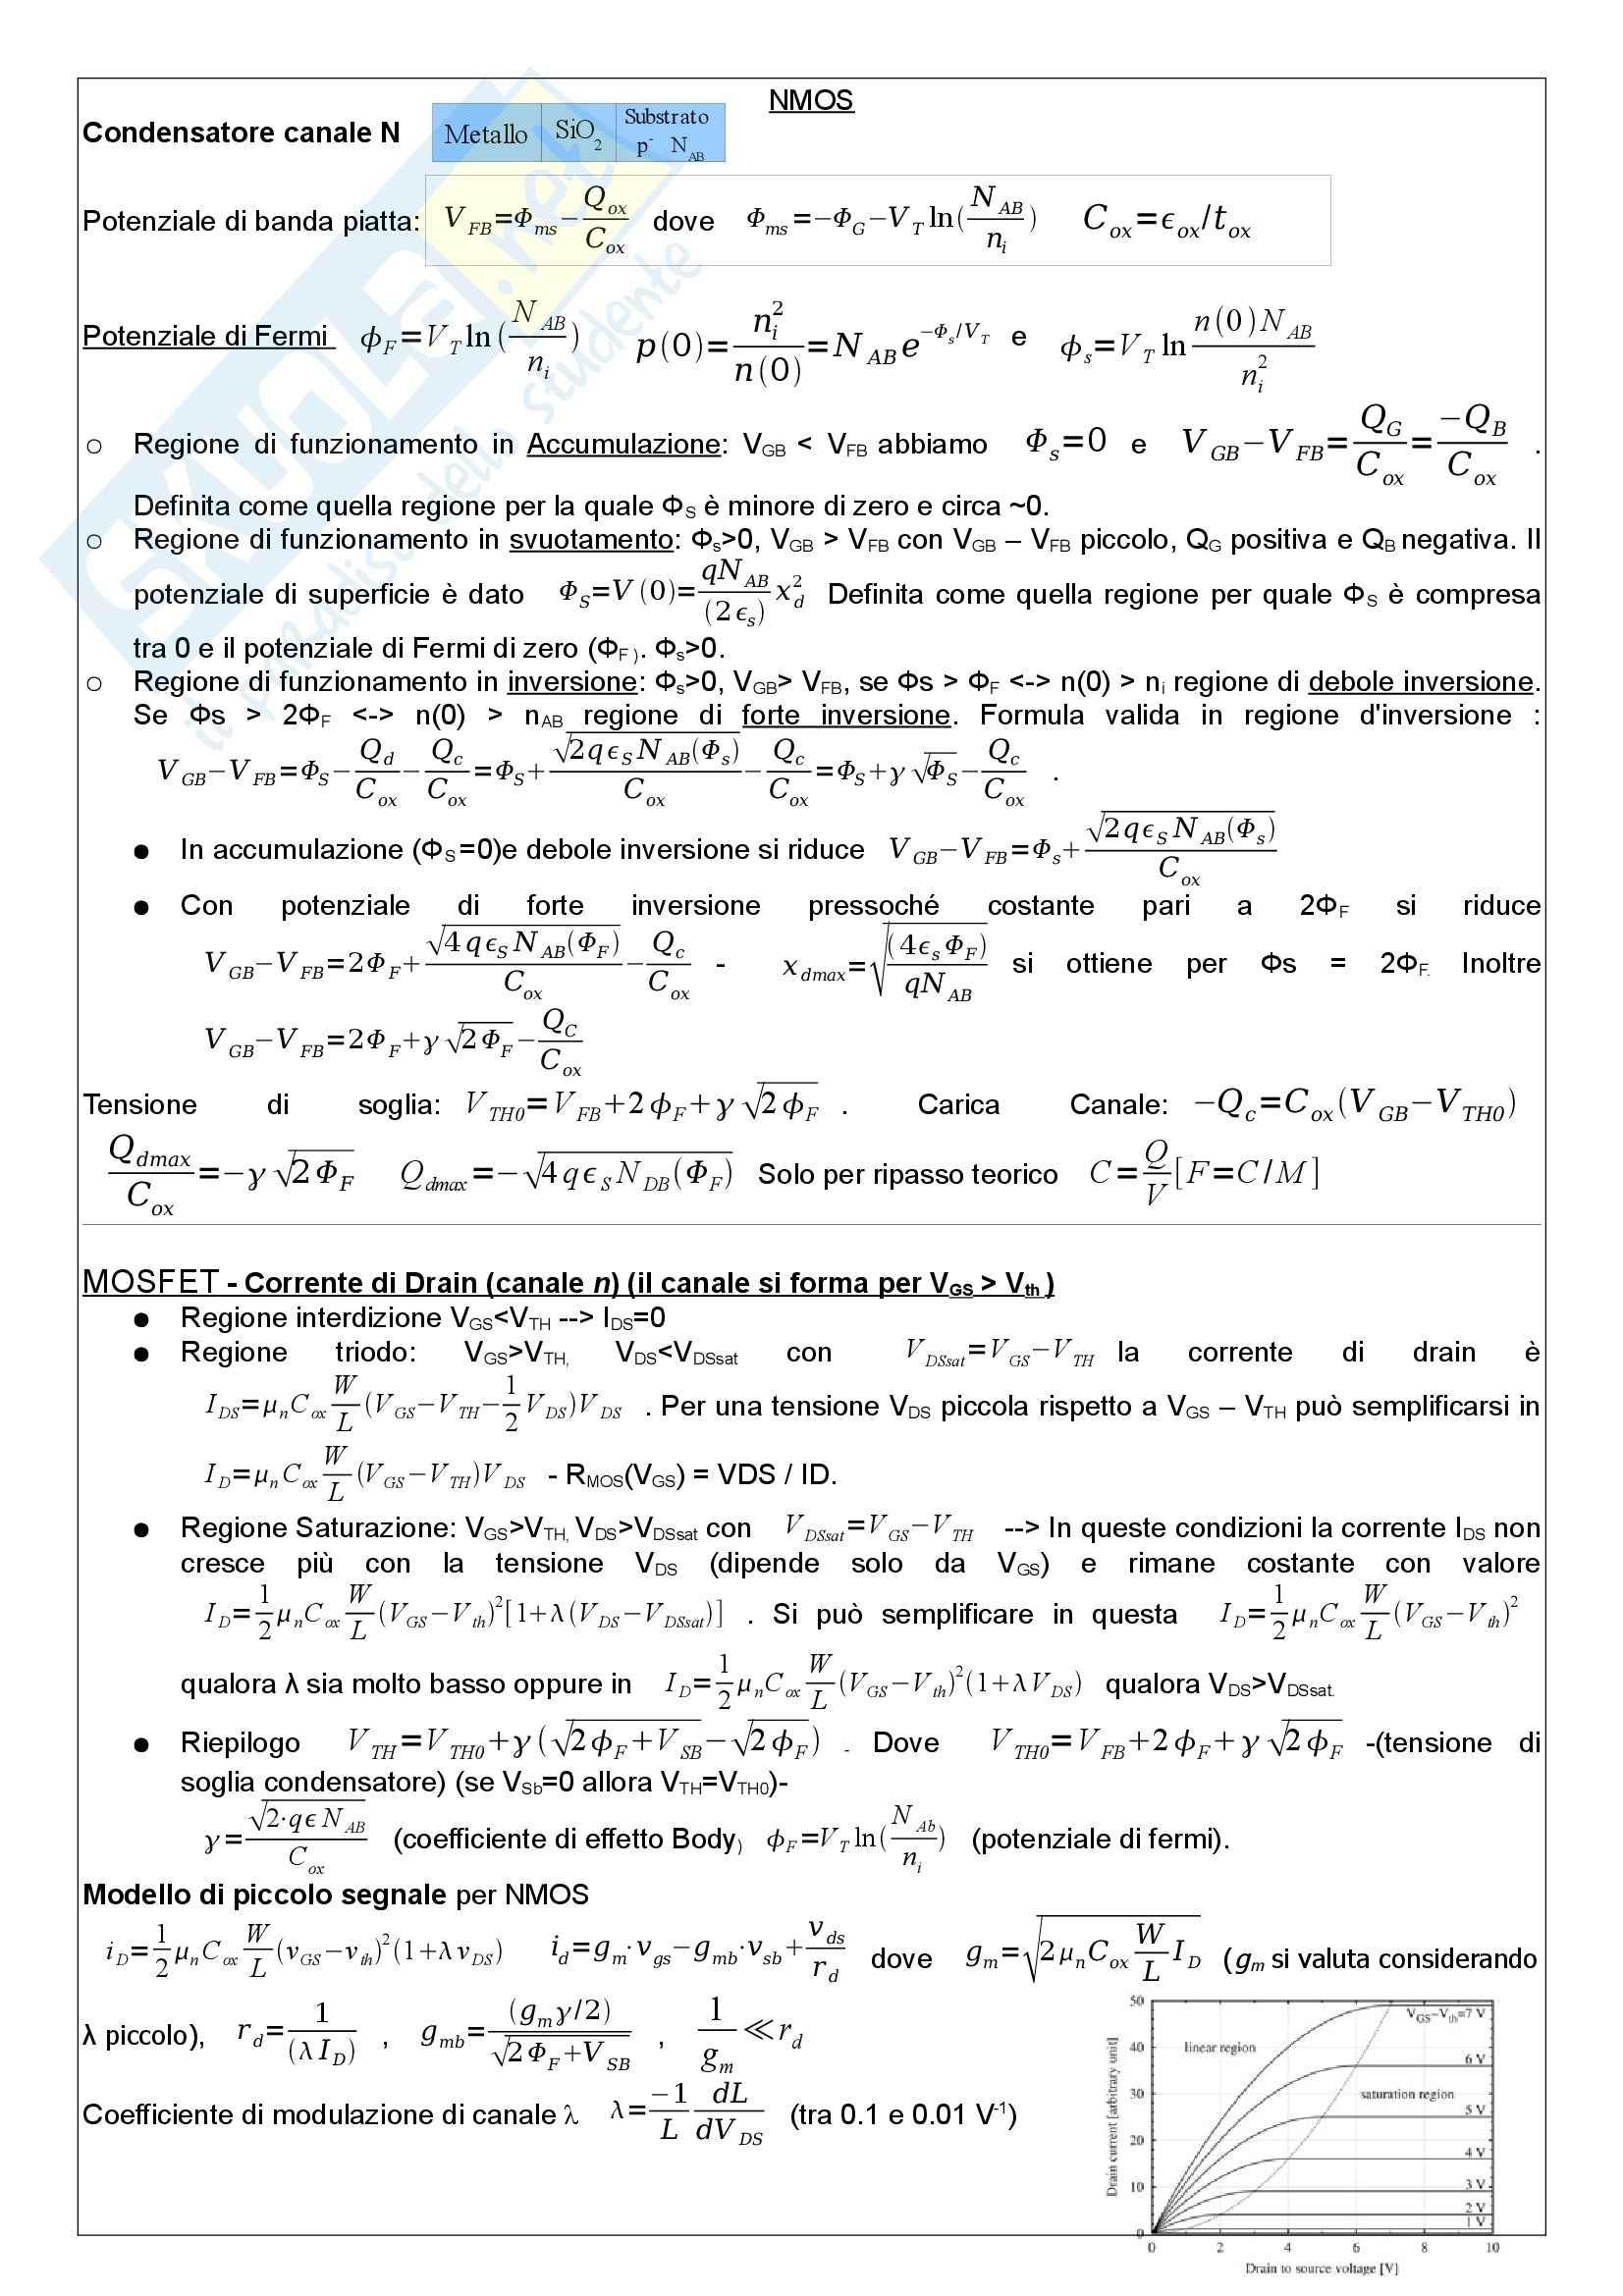 Dispositivi elettronici - Mosfet - Formulario